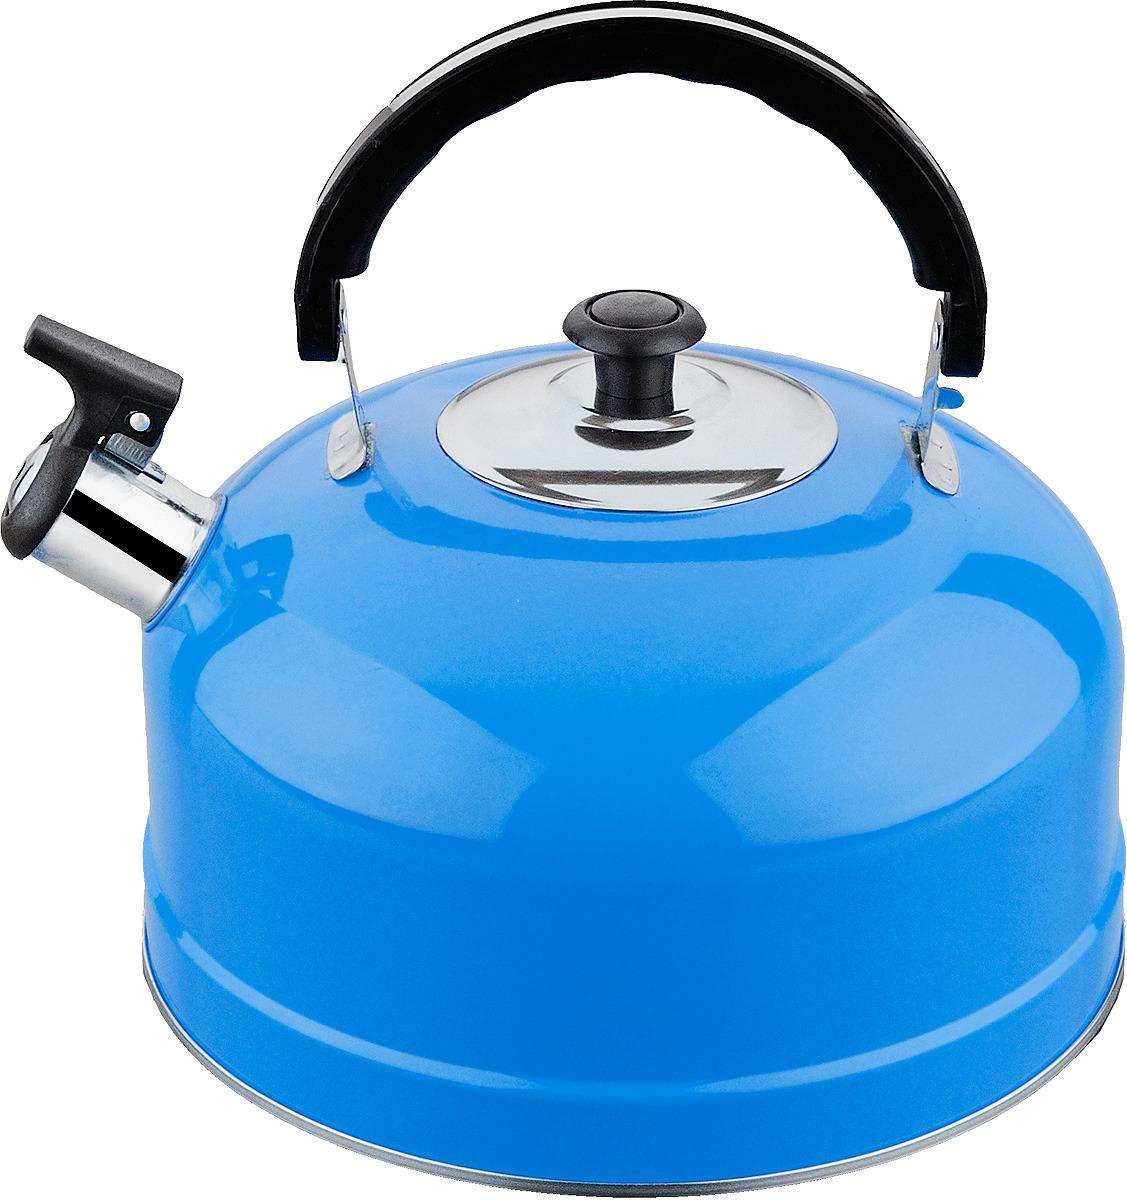 Чайник из нержавеющей стали со свистком, объем 2,5 л. Изготовлен из высококачественной нержавеющей стали, однослойное дно. Подвижная ручка из термостойкого пластика. Ручка не нагревается. Цвет голубой. Полезный объем 2 л.